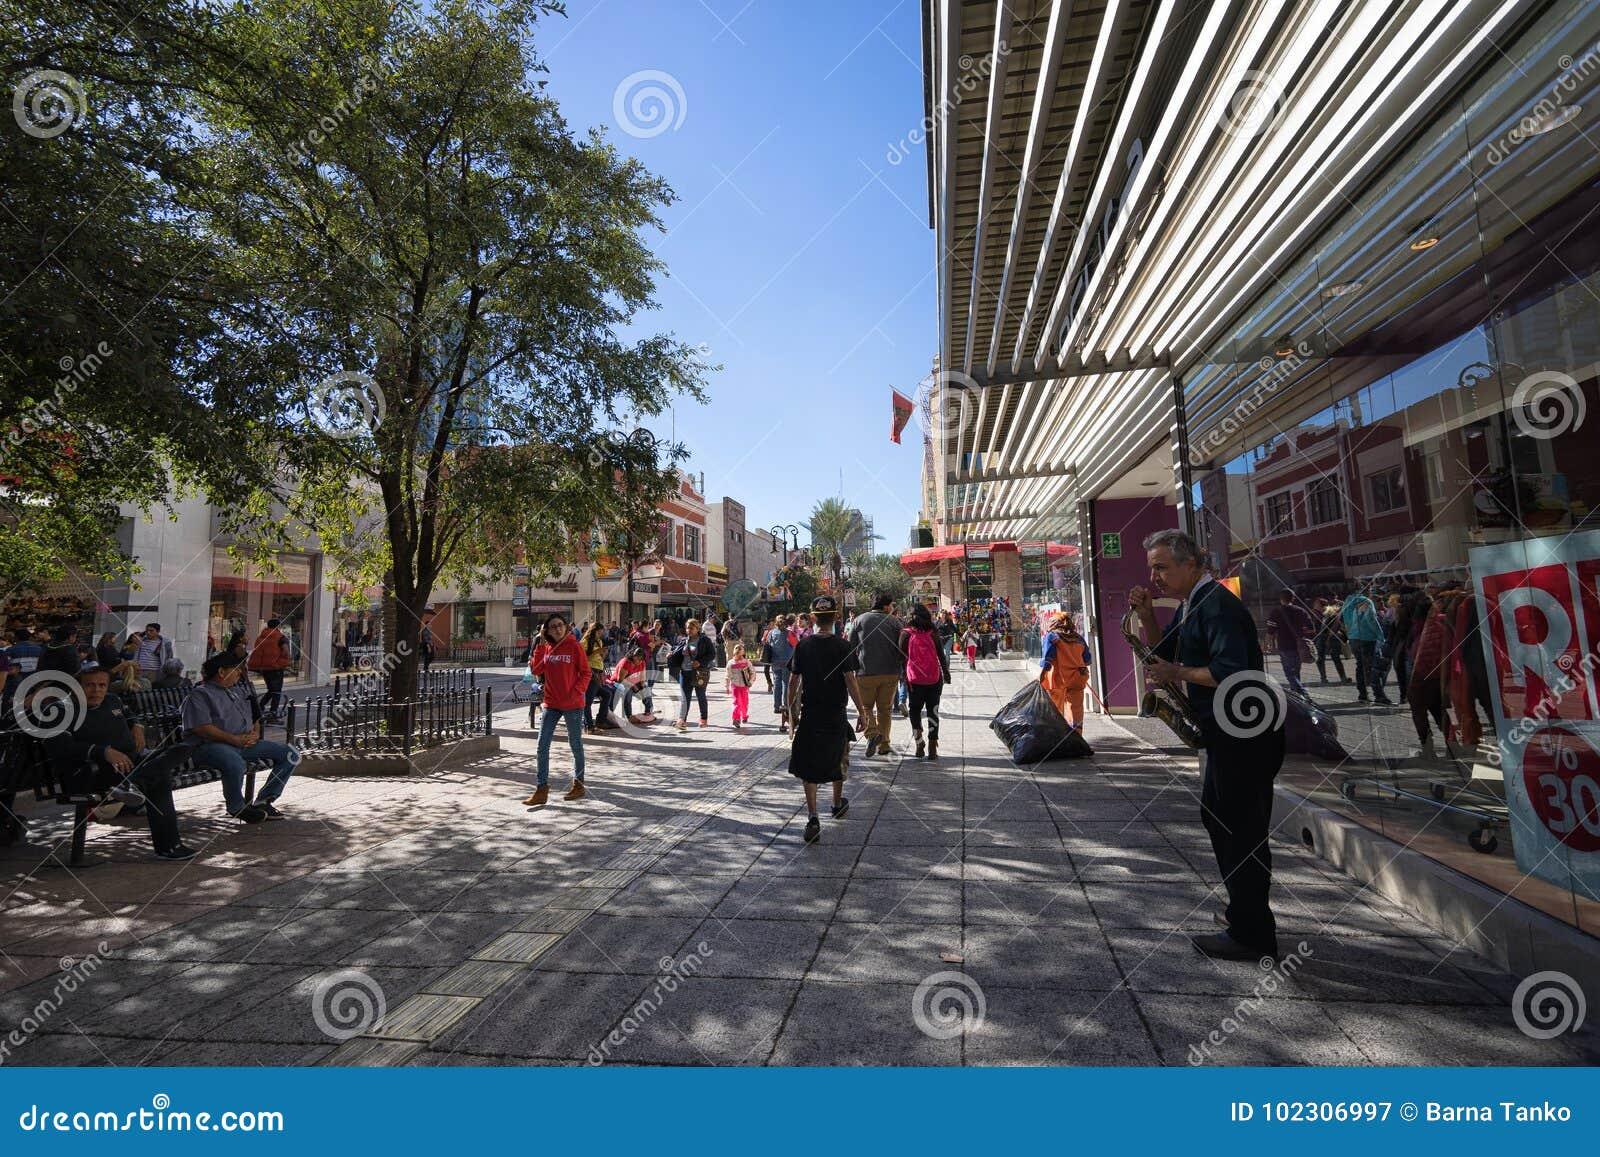 Plaza Morelos shopping area Monterrey Mexico